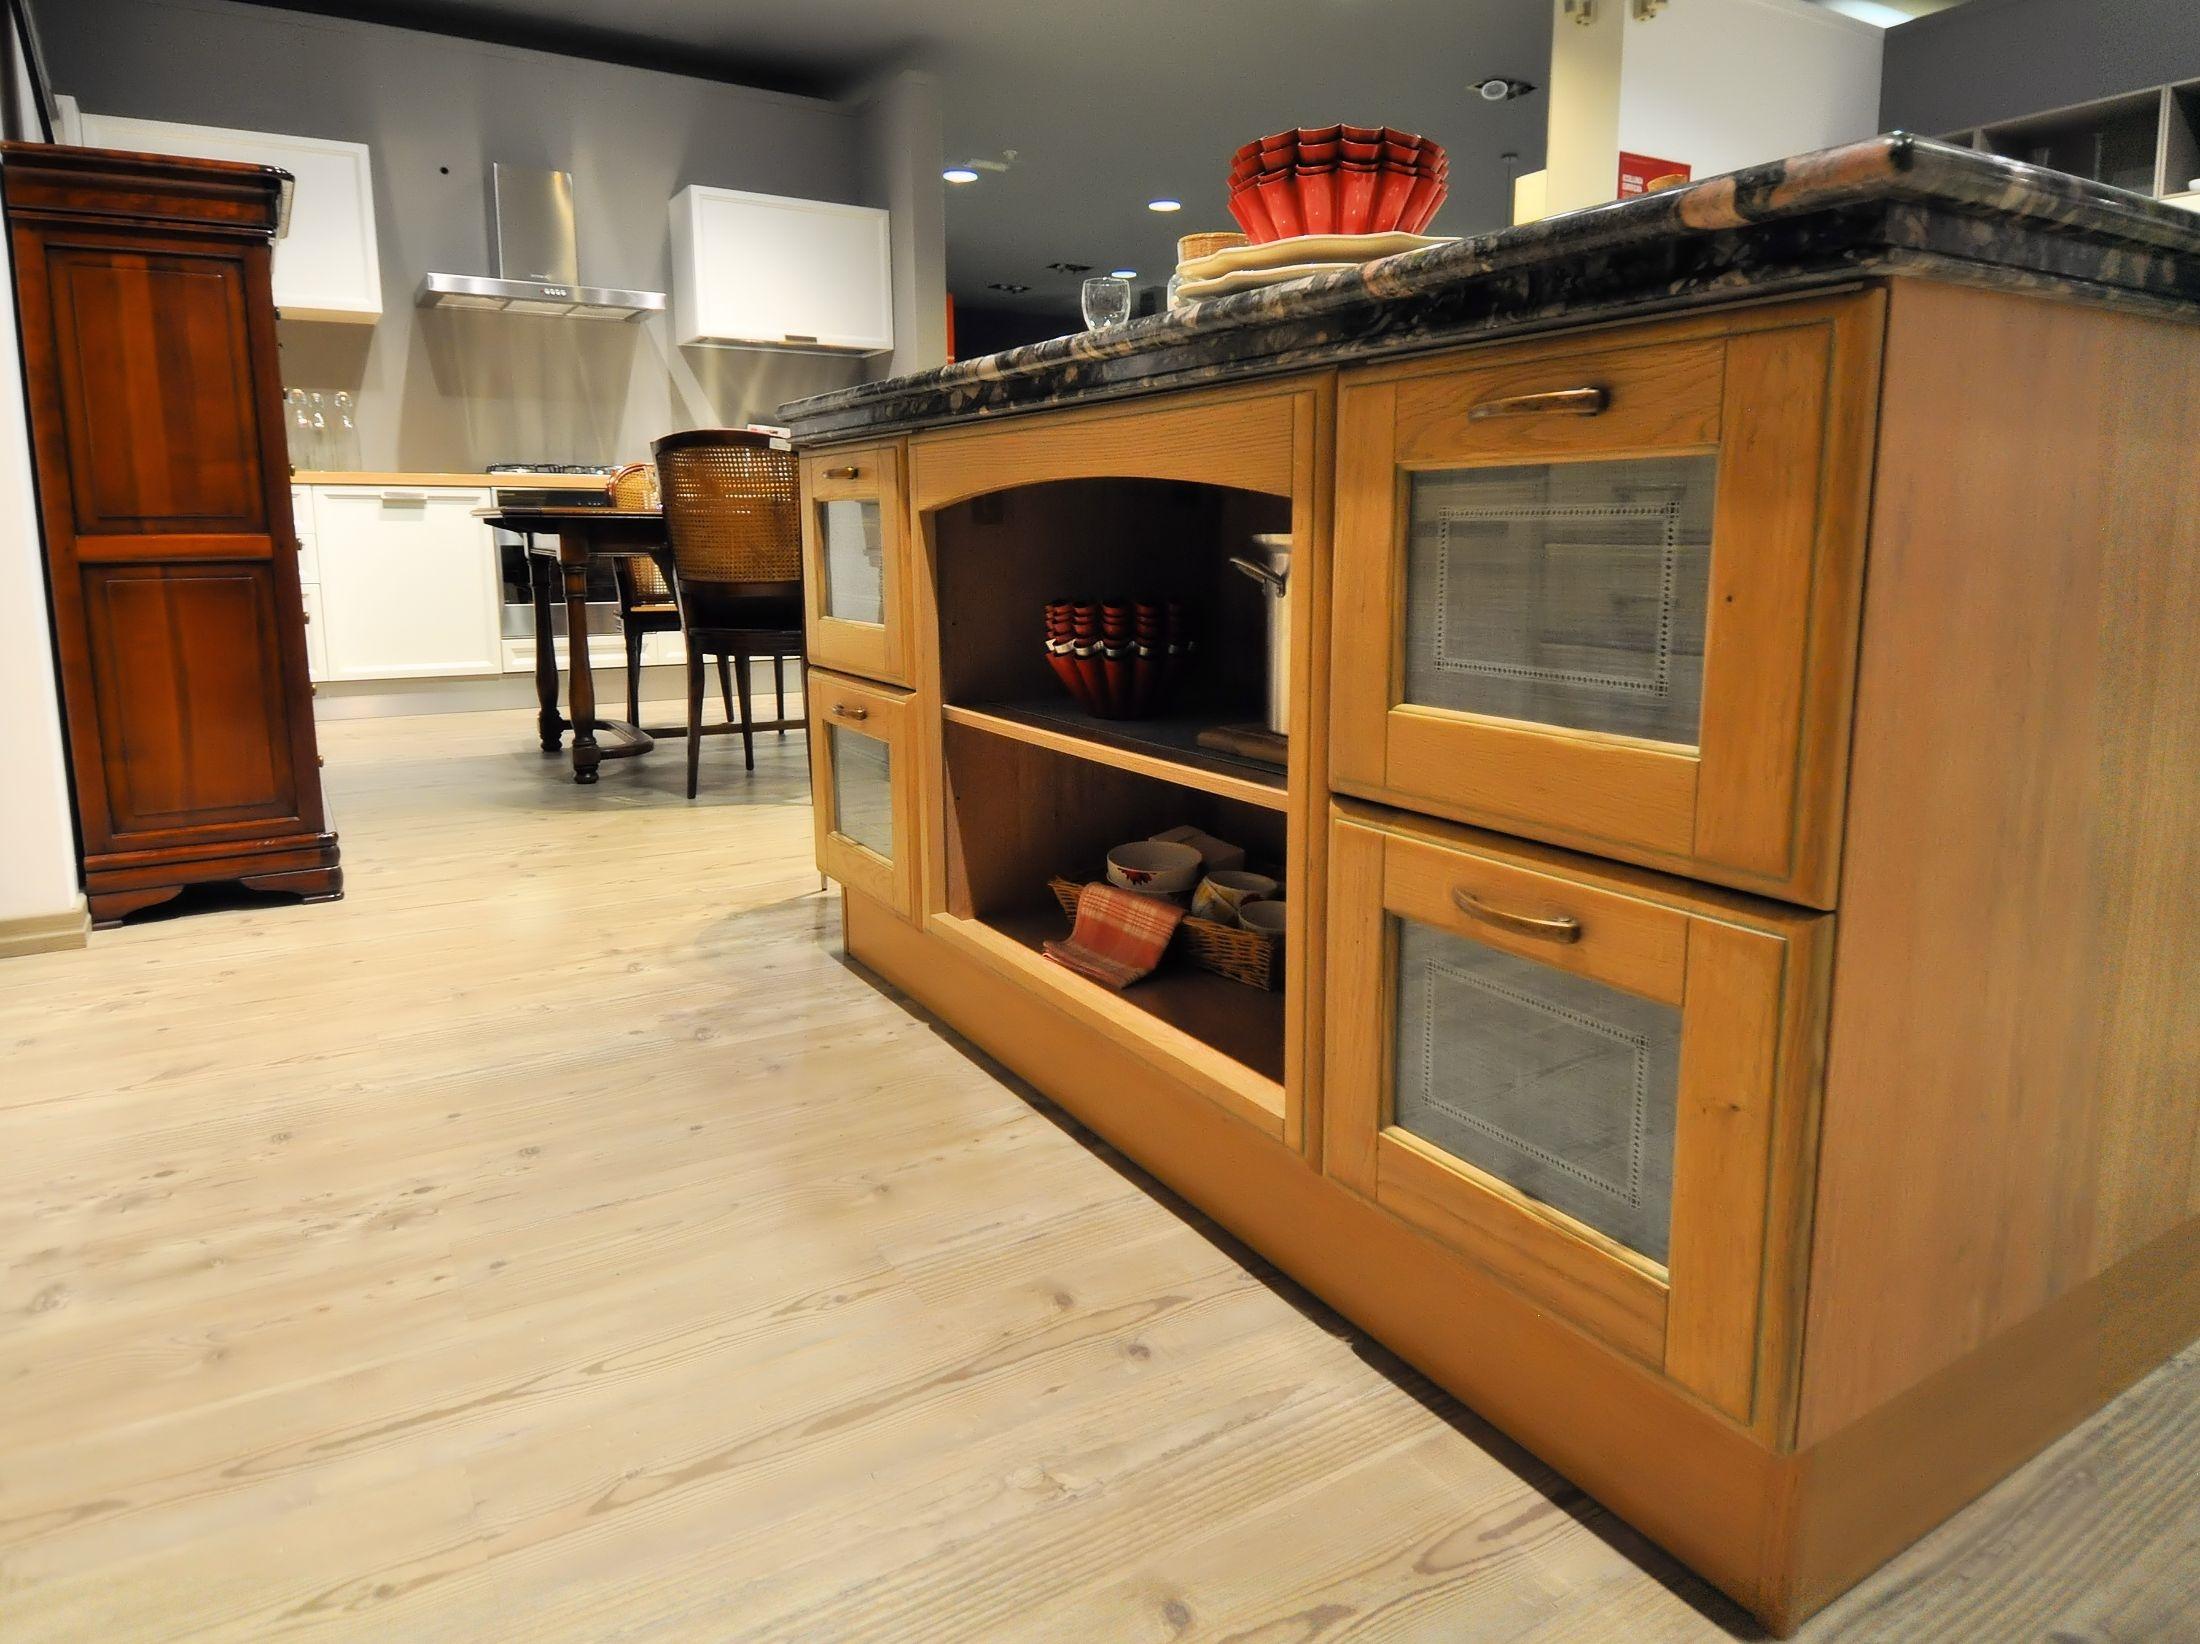 cucina belvedere scavolini prezzo - 28 images - awesome cucina ...